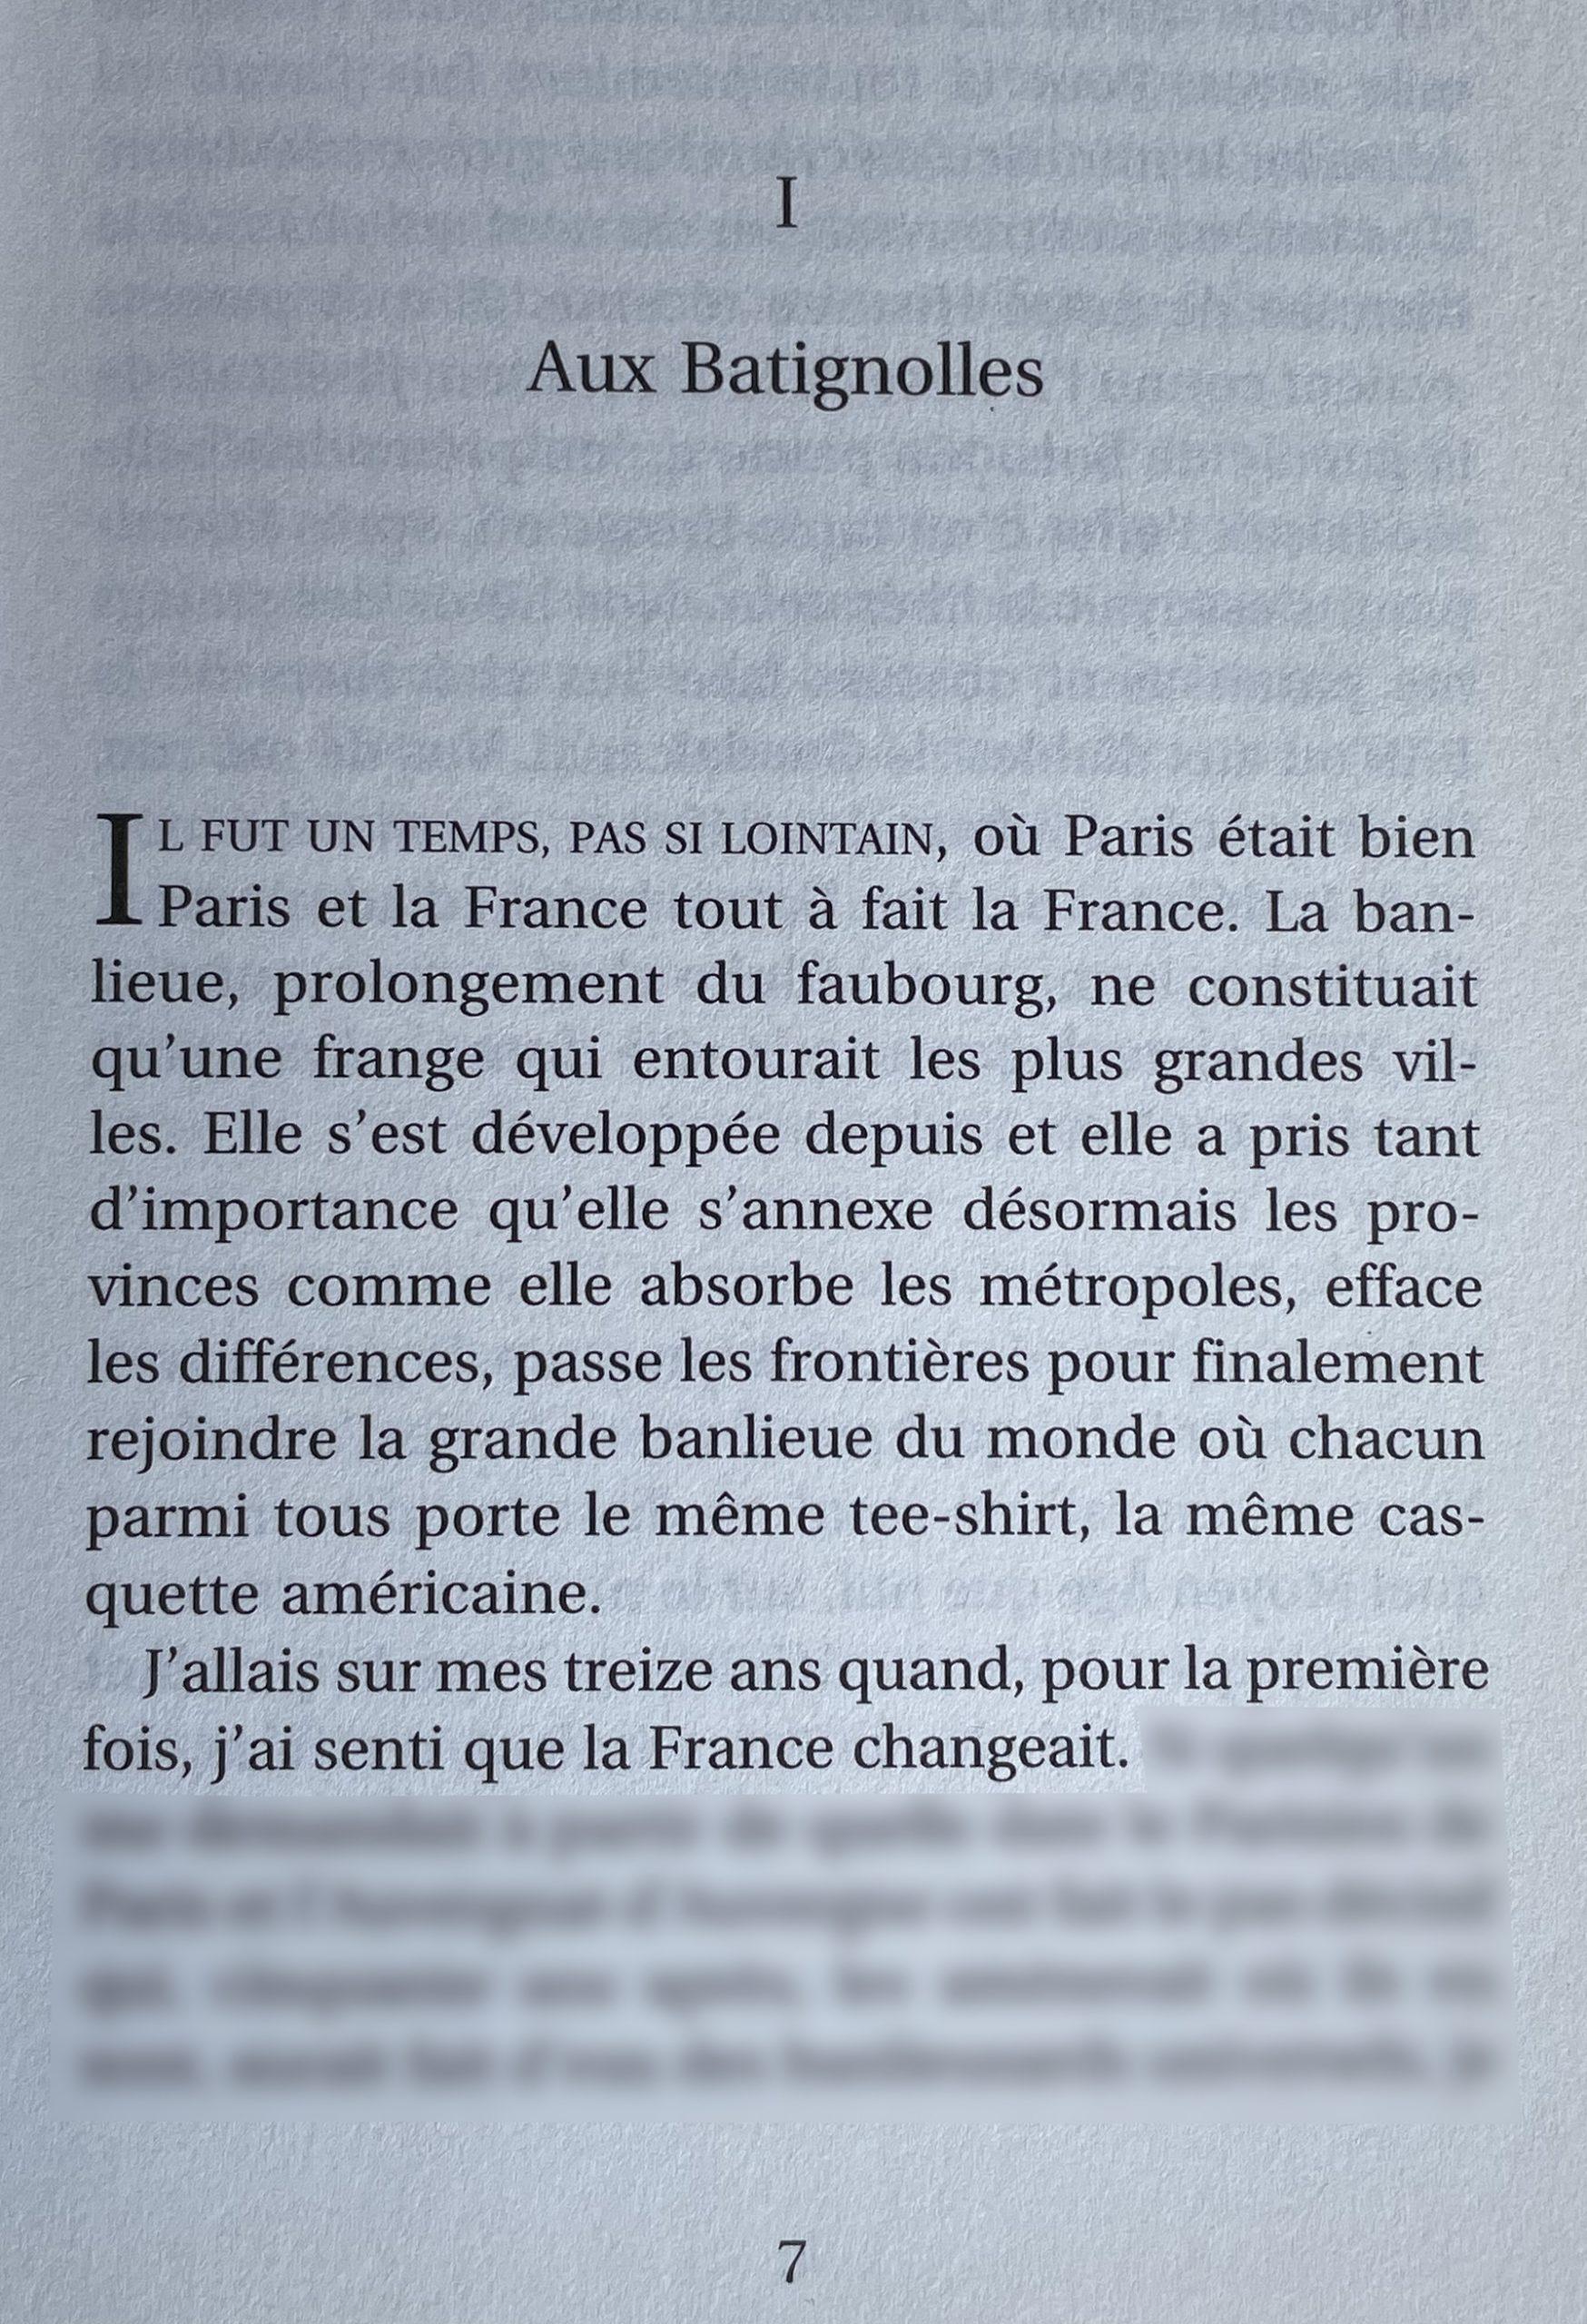 IL FUT UN TEMPS, PAS SI LOINTAIN, où Paris était bien Paris et la France tout à fait la France. La banlieue, prolongement du faubourg, ne constituait qu'une frange qui entourait les plus grande villes. Elle s'est développée depuis et elle a pris tant d'importance qu'elle s'annexe désormais les provinces comme elle absorbe les métropoles, efface les différences, passe les frontières pour finalement rejoindre la grande banlieue du monde où chacun parmi tous porte le même tee-shirt, la même casquette américaine. J'allais sur mes treize ans quand, pour la première fois, j'ai senti que la France changeait.